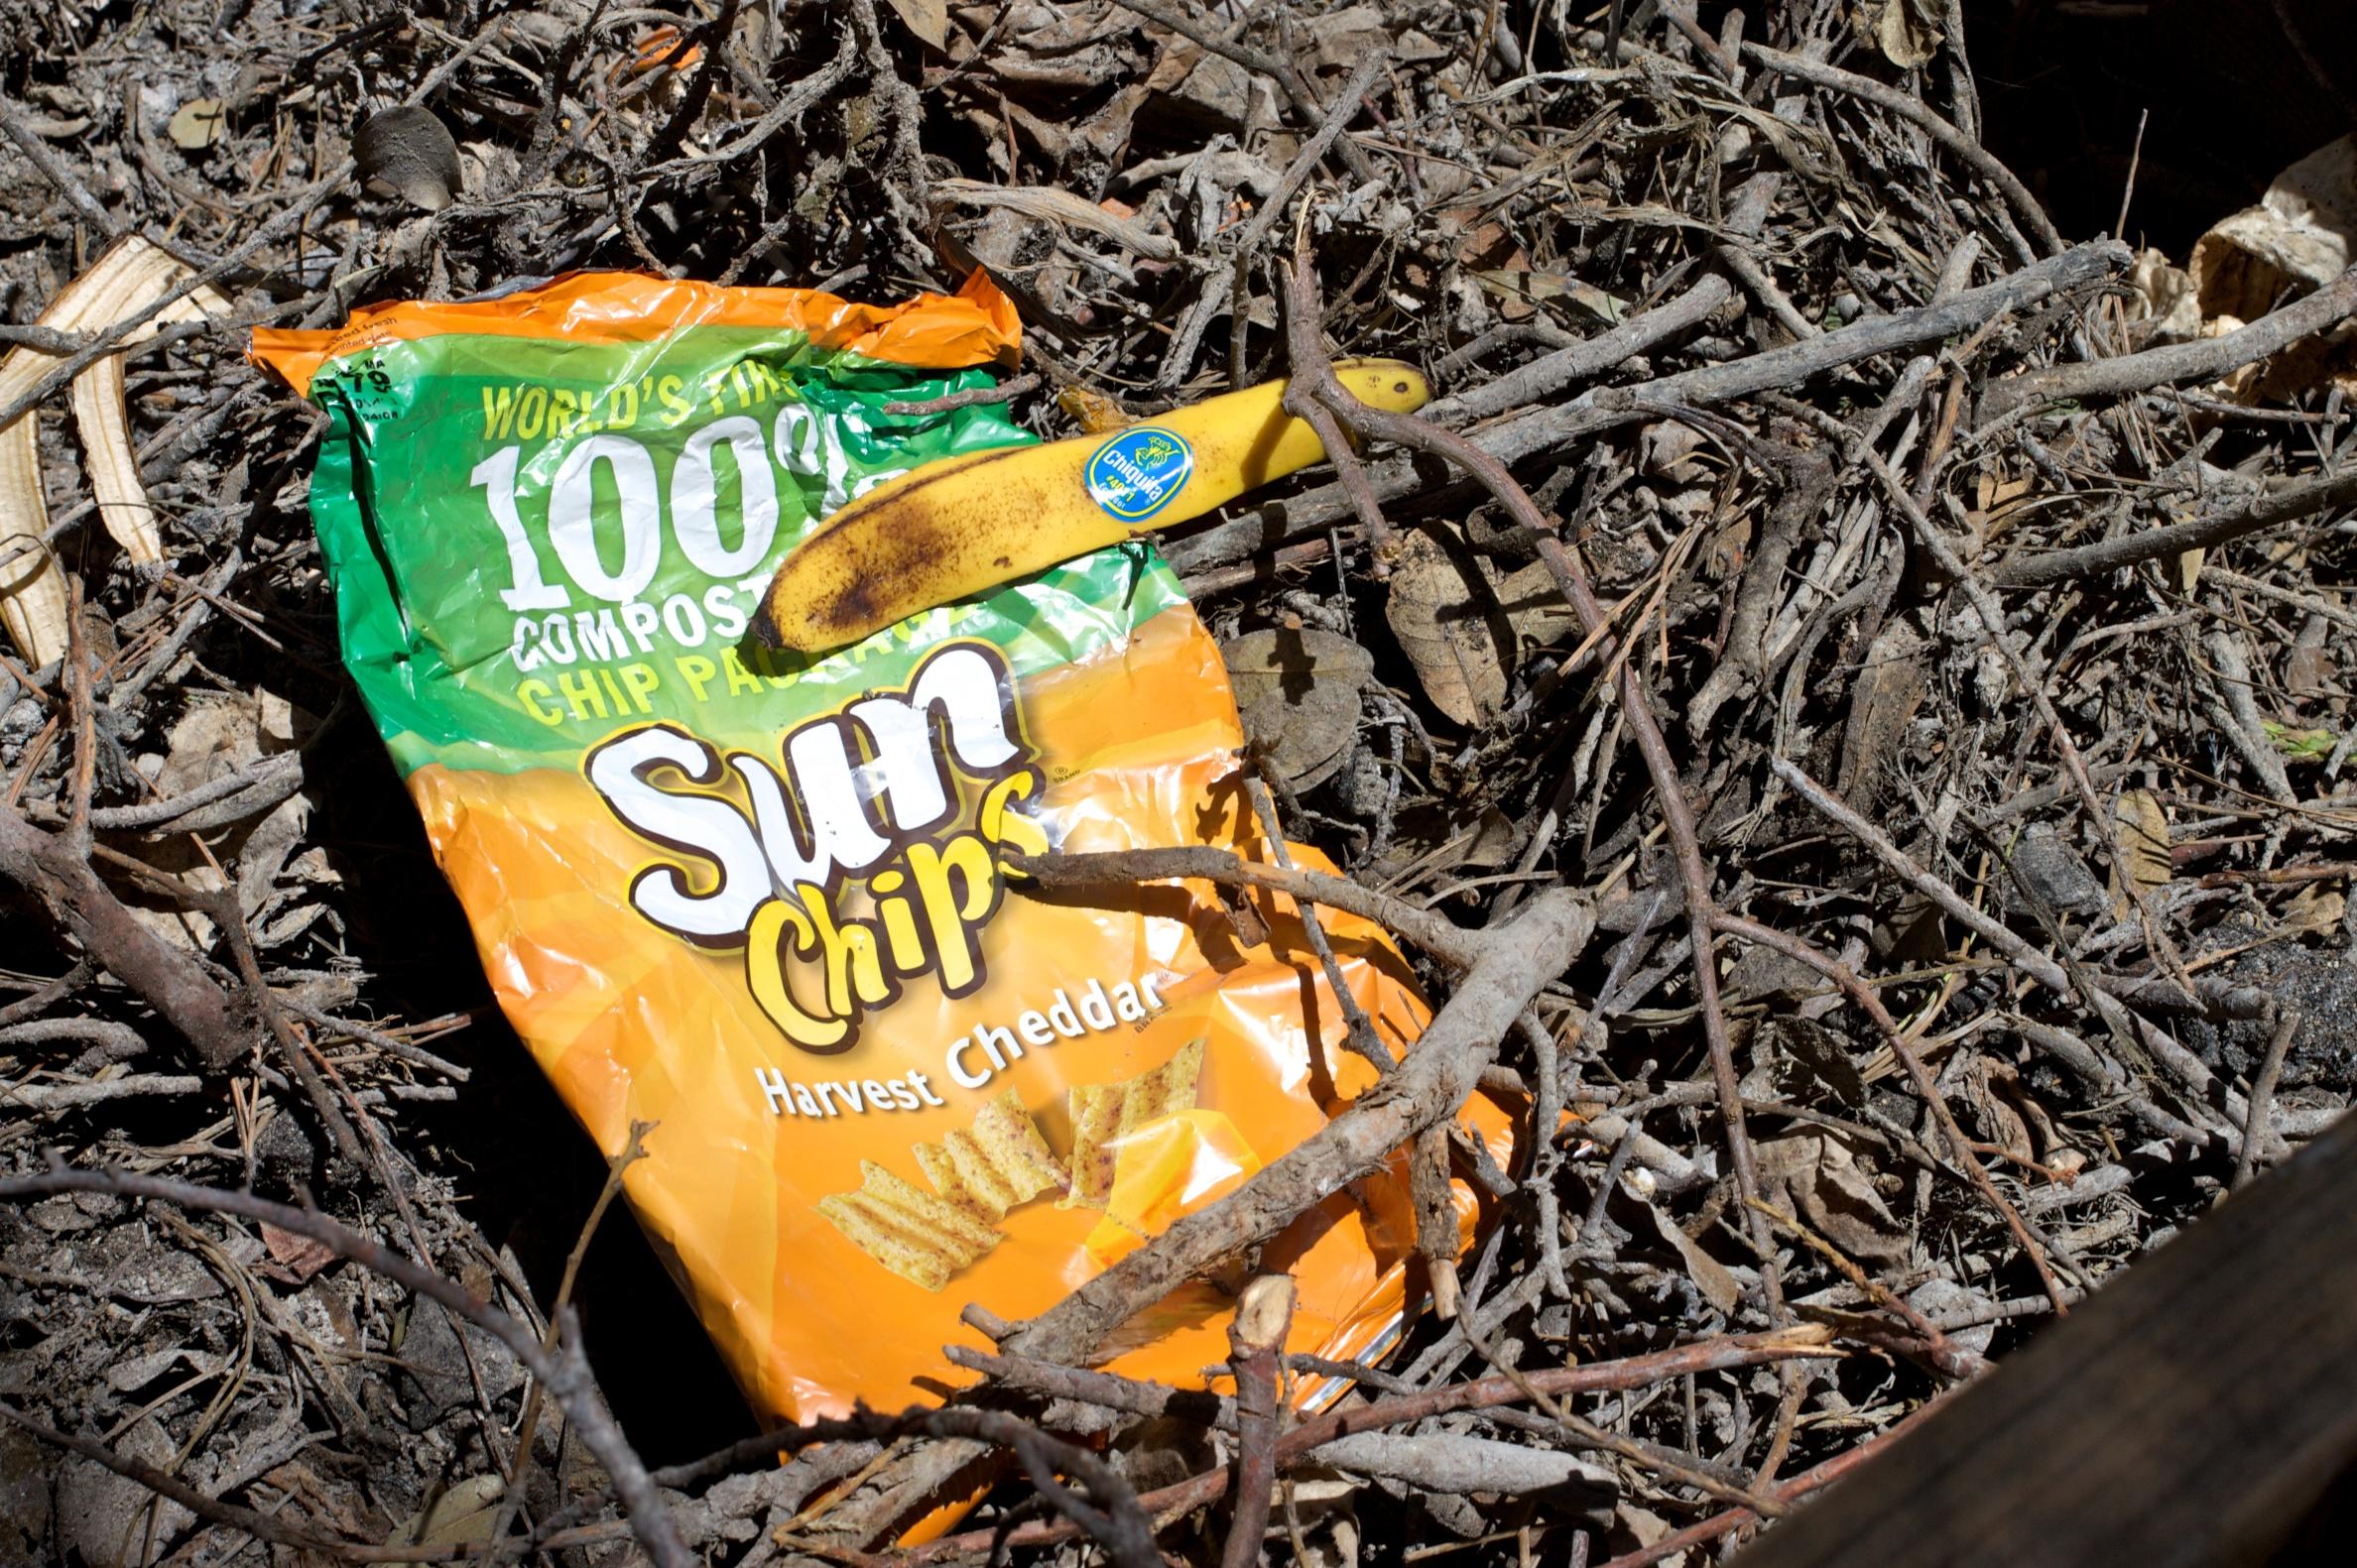 materiał biodegradowalny lub kompostowalny